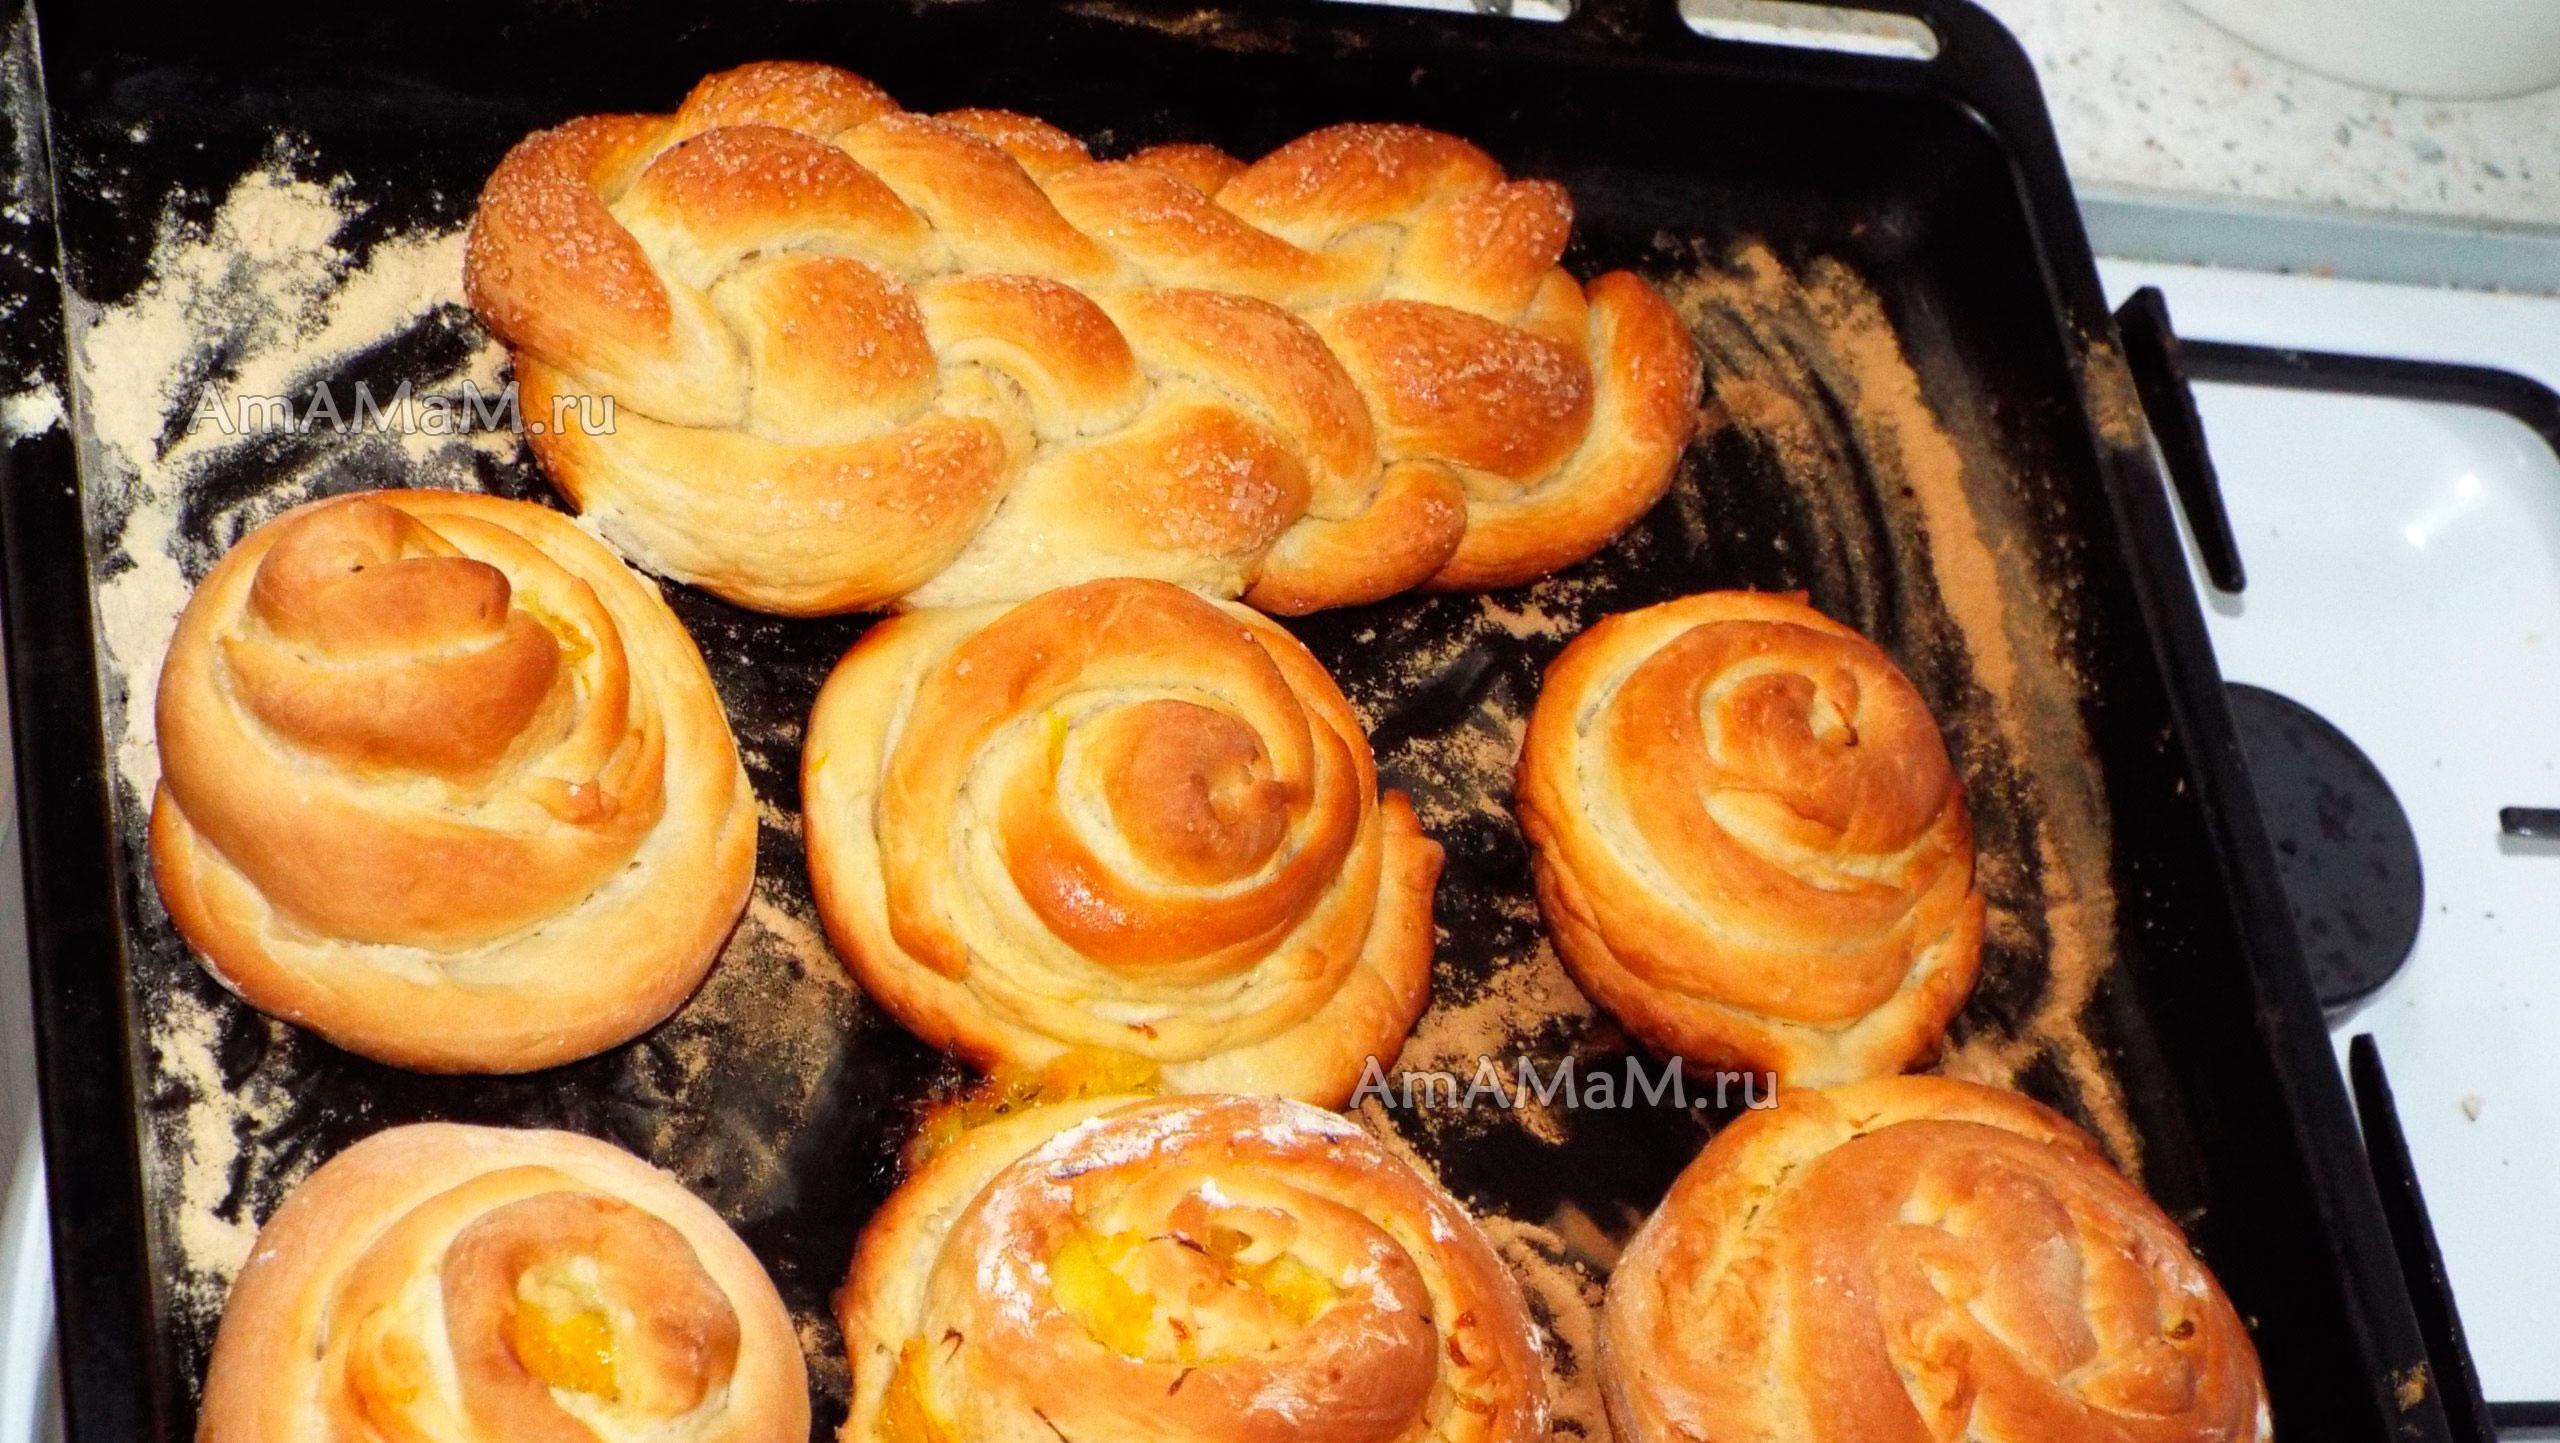 Рецепт апельсиновых булочек, свернутых по спирали (улиткой)